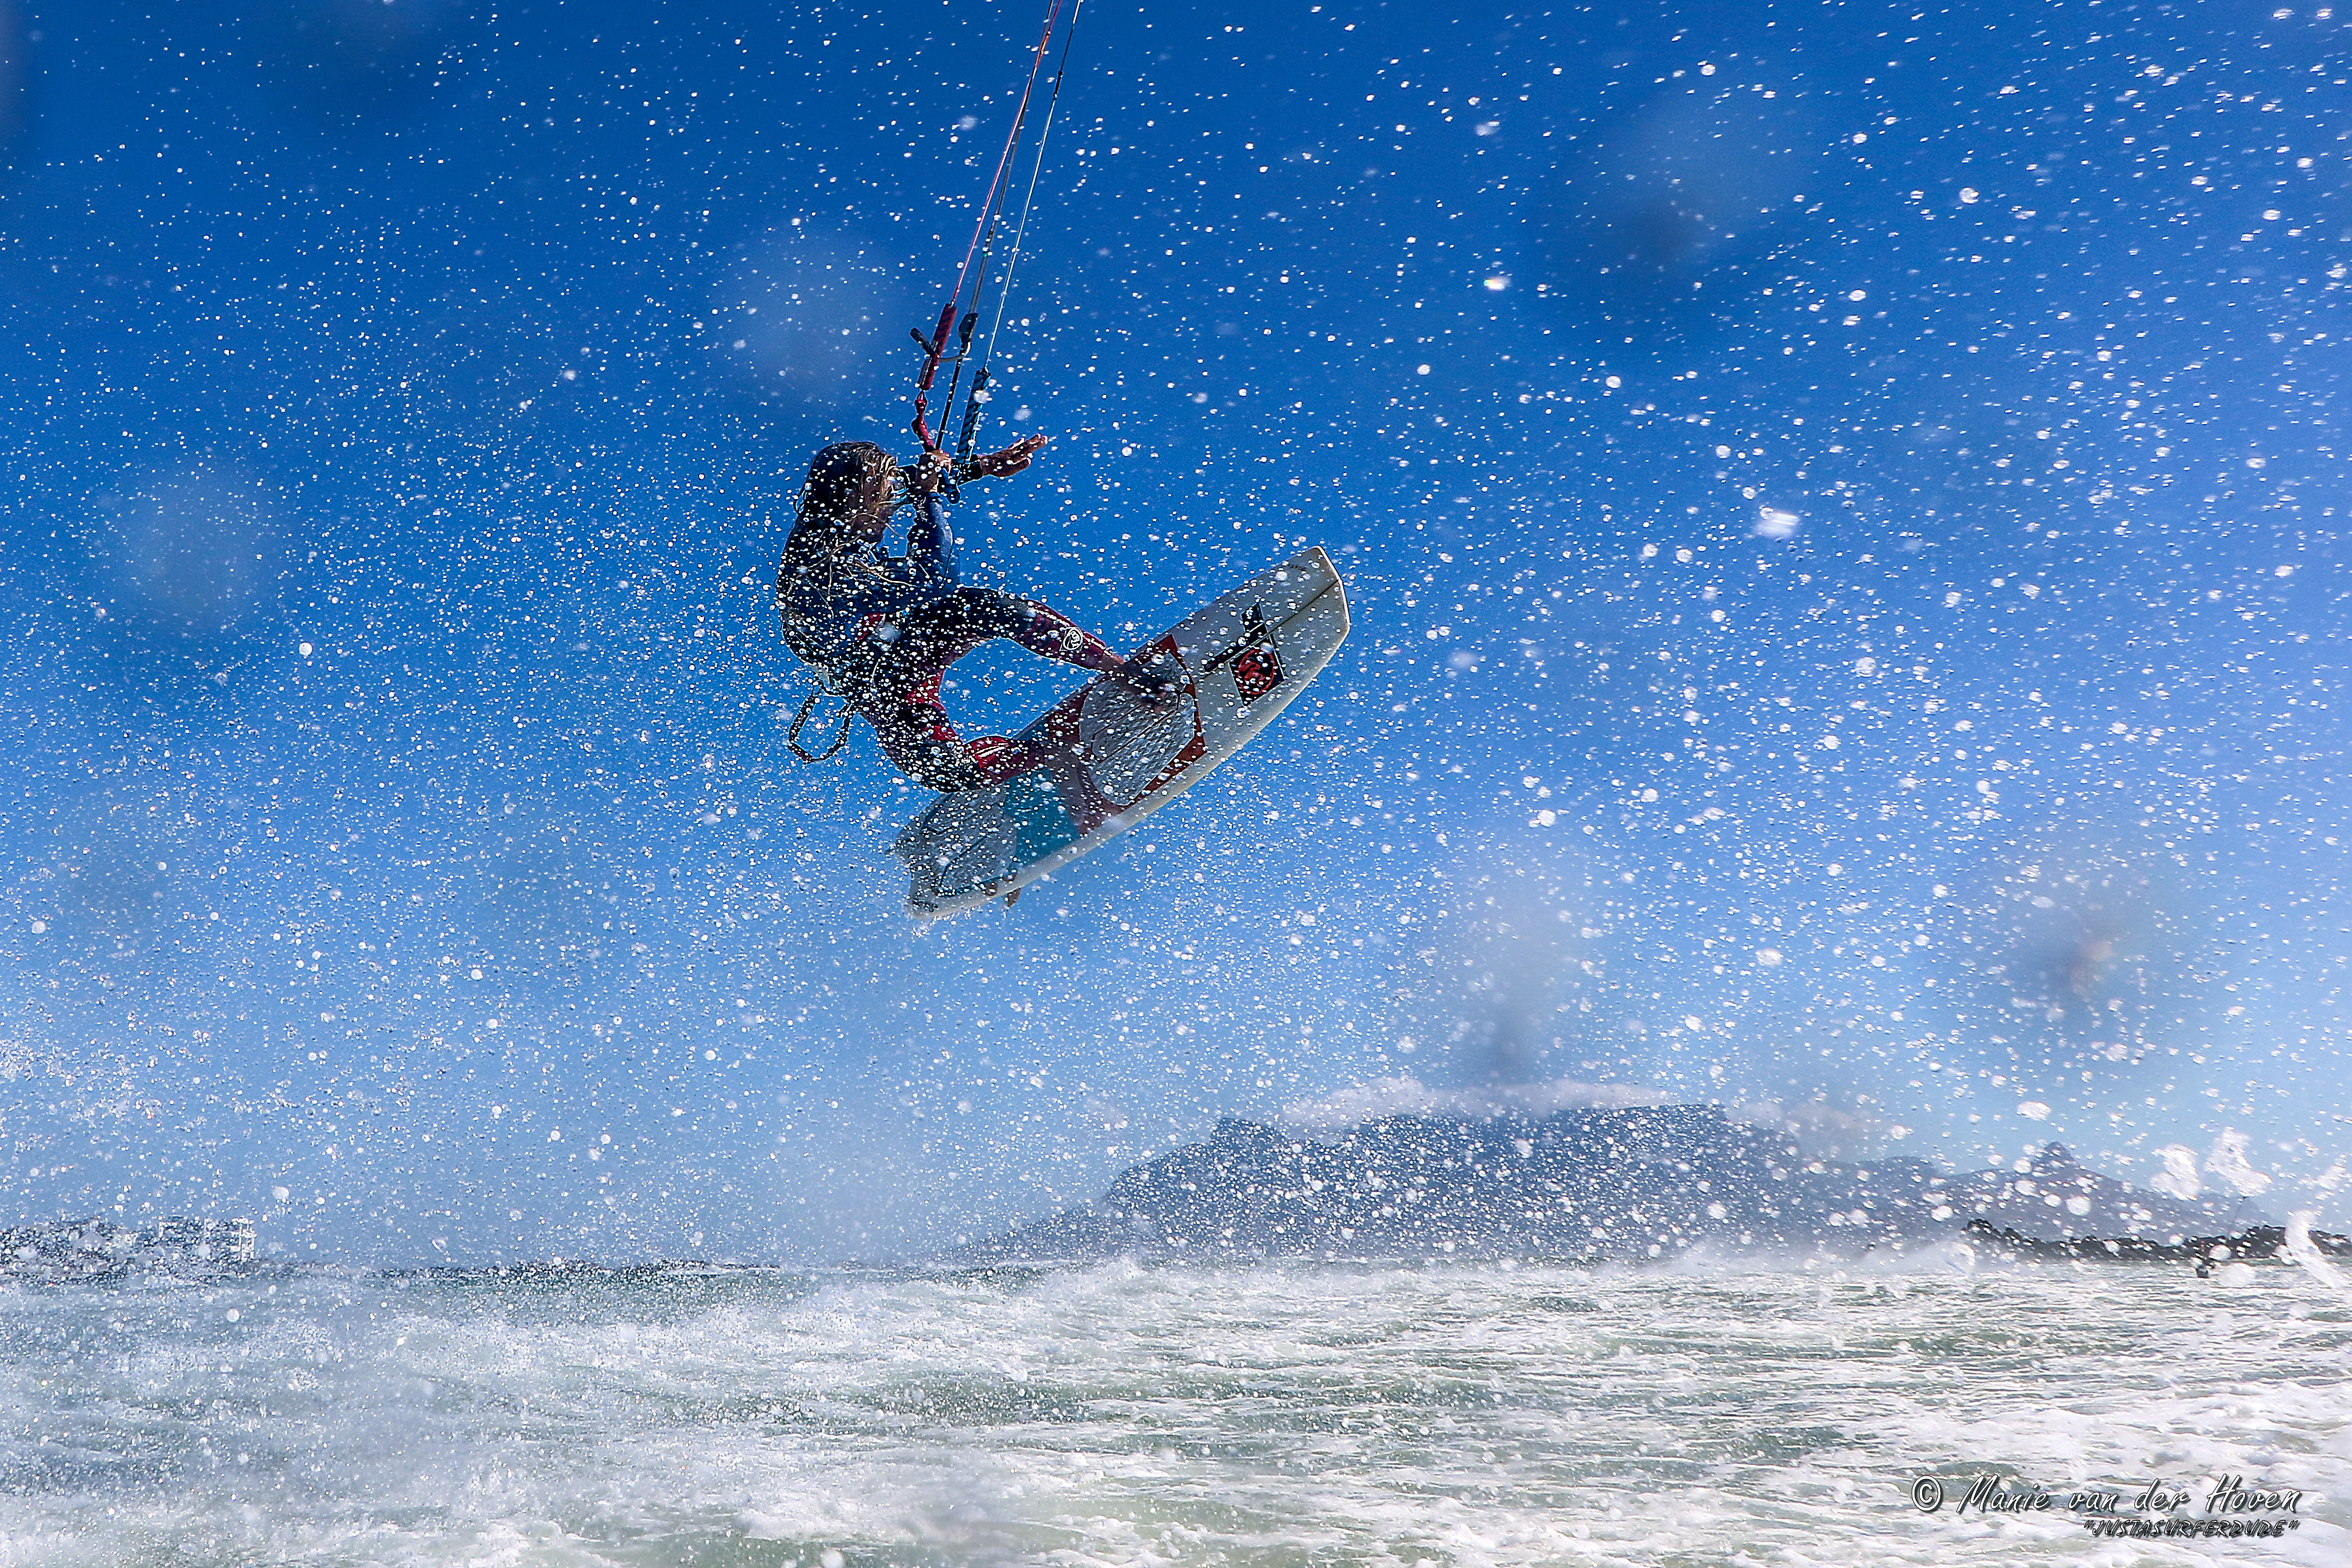 Kitesurfing Shoots